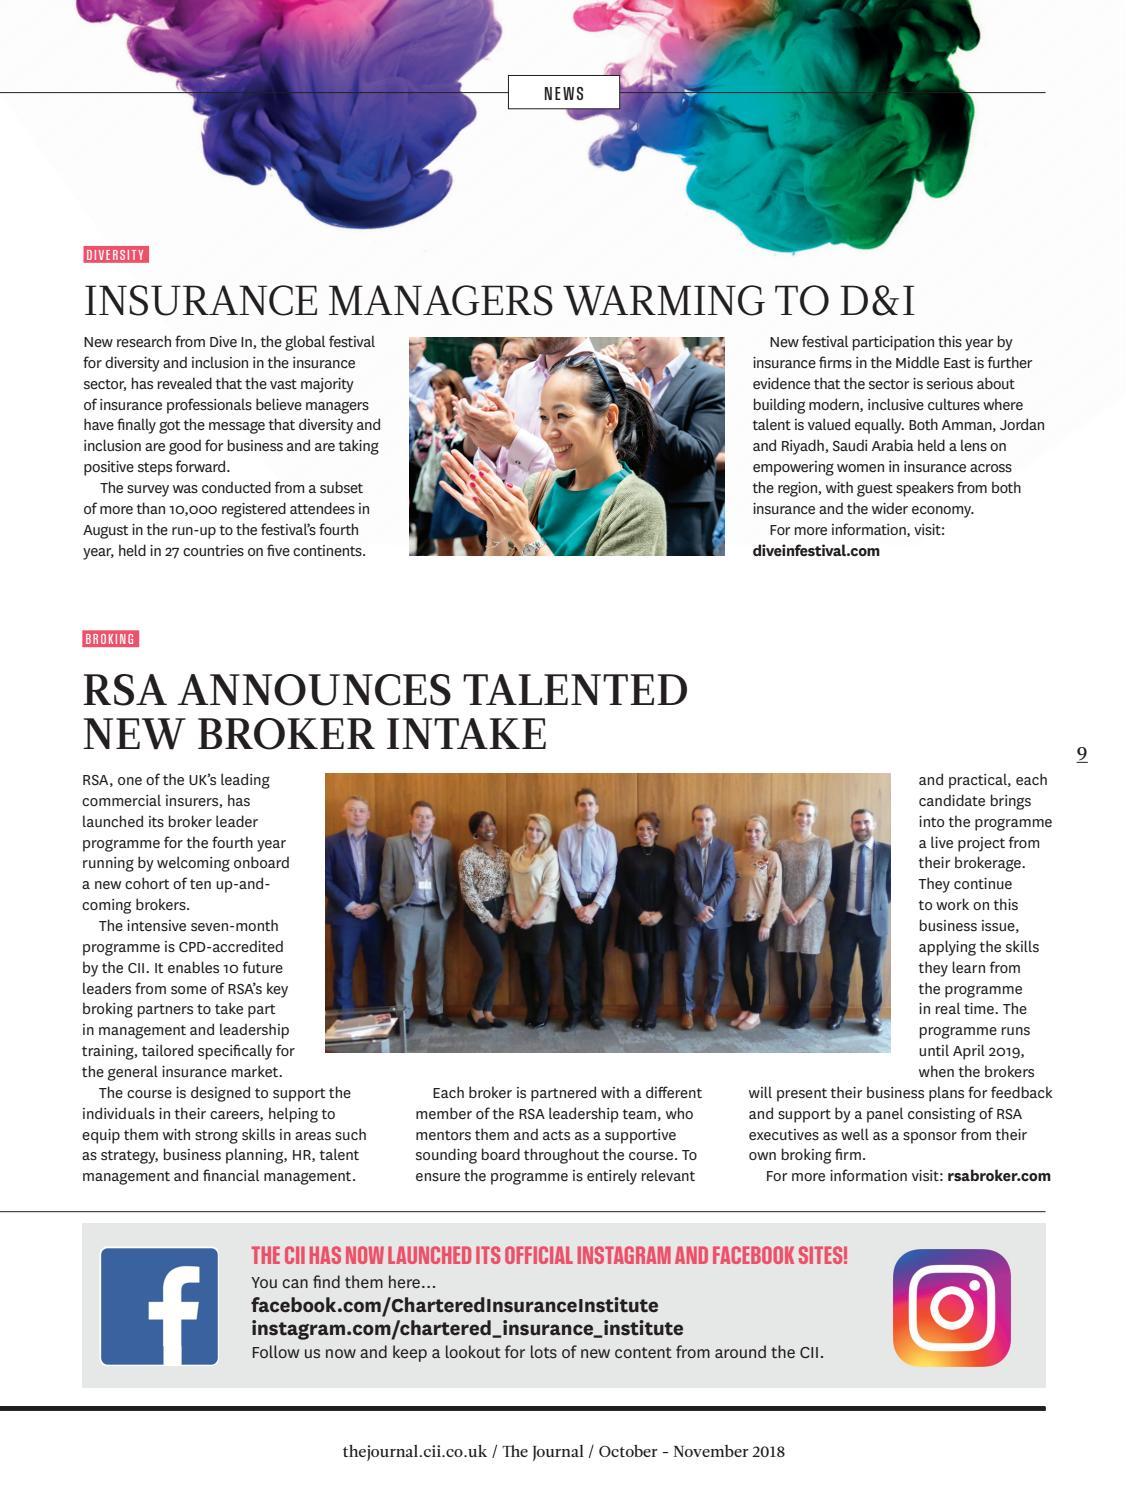 The Journal October - November